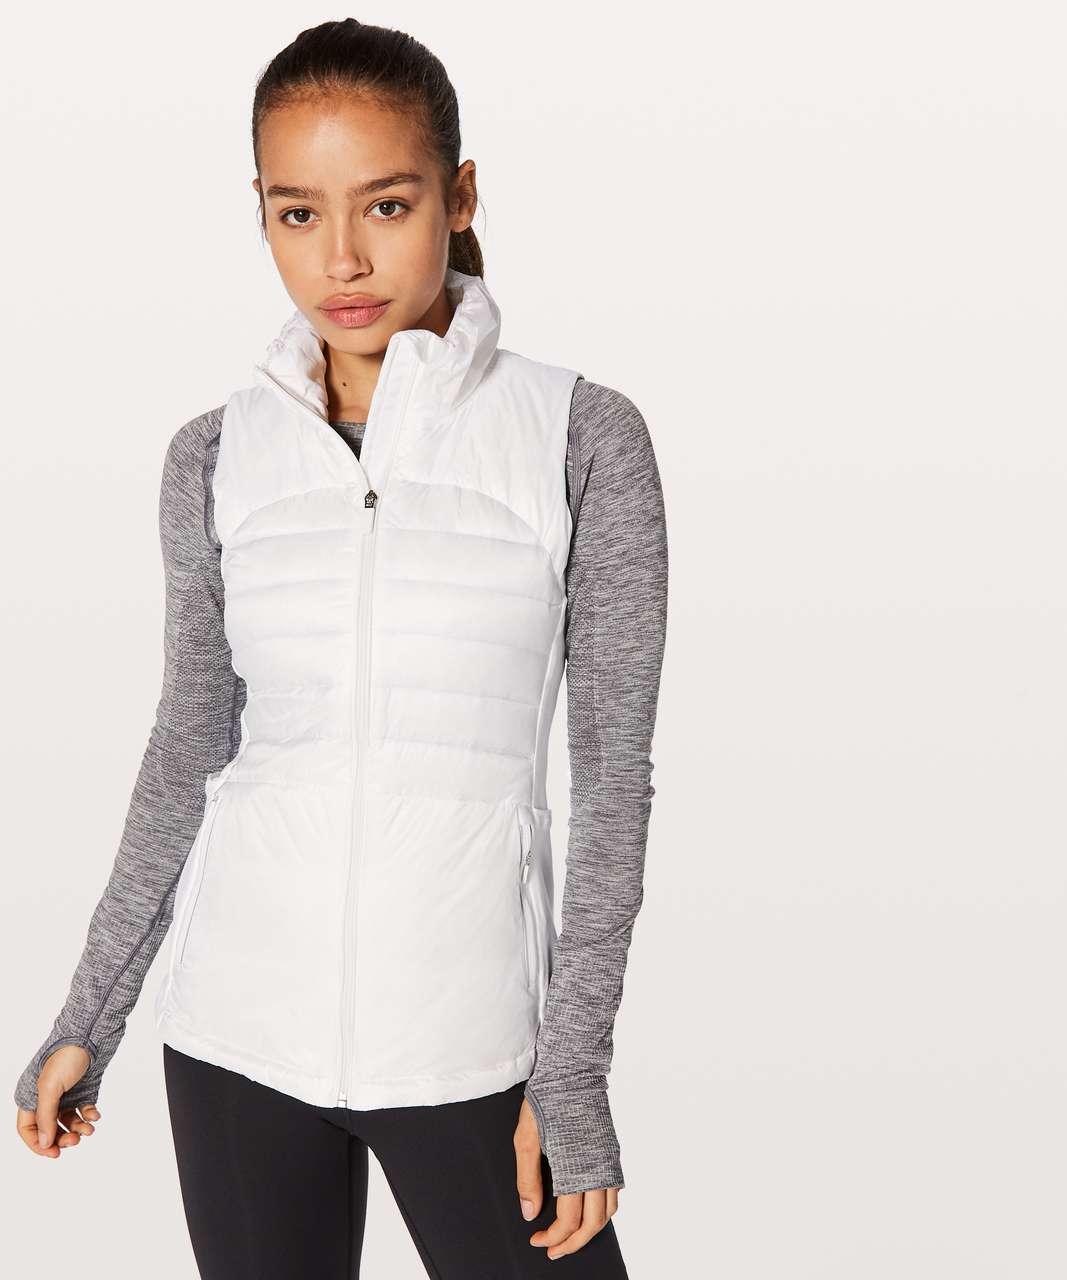 Lululemon Down For A Run Vest II - White